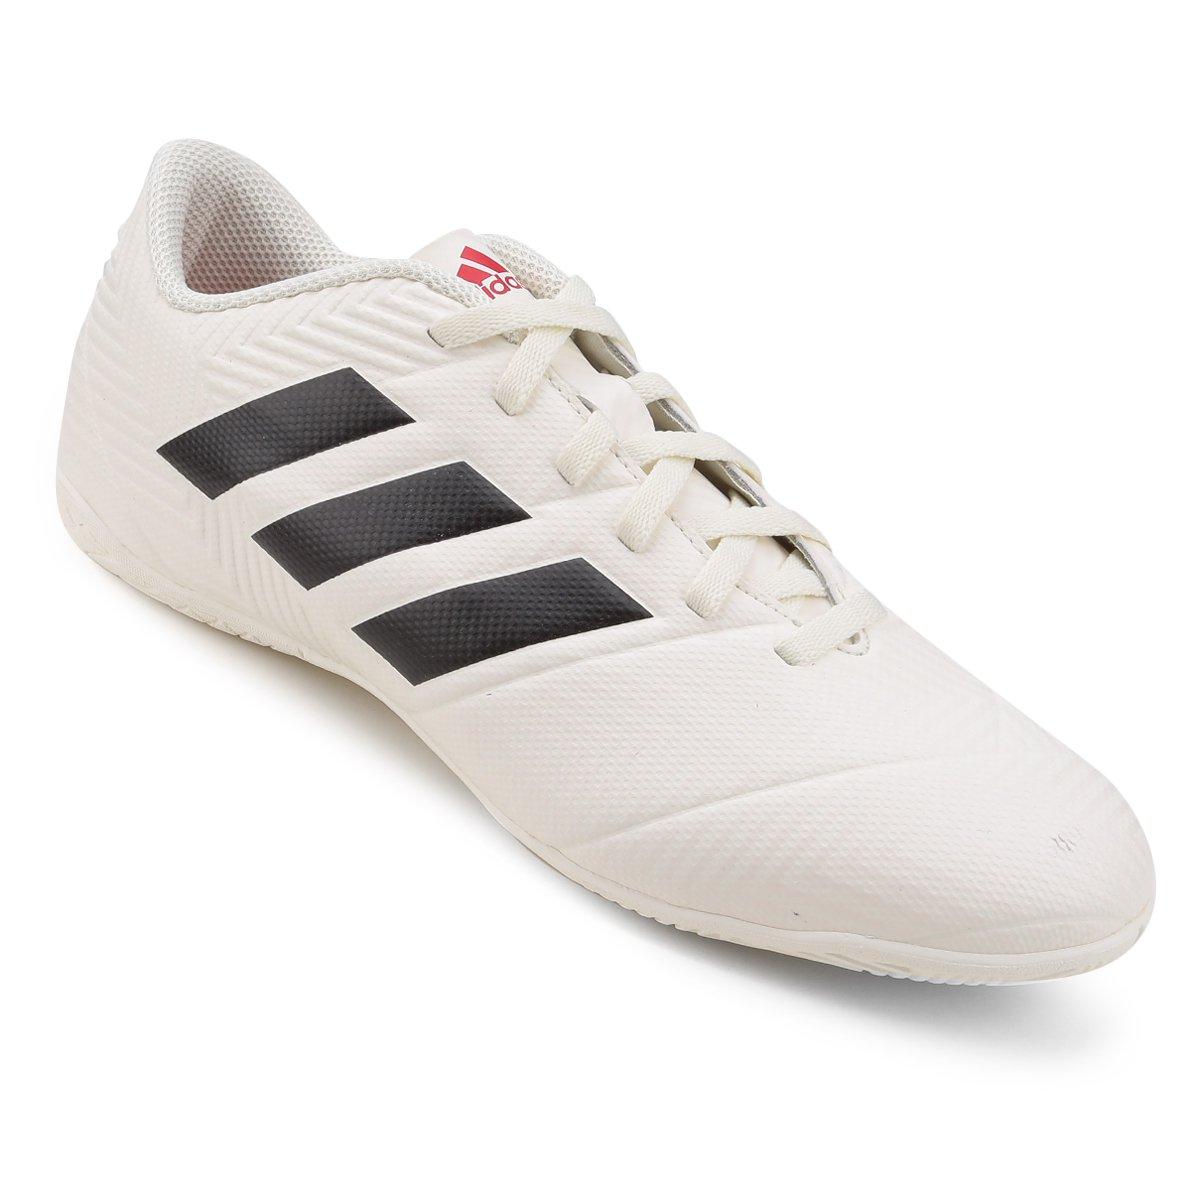 Chuteira Futsal Adidas Nemeziz 18 4 In - Branco e Vermelho - Compre ... f997a5a419223